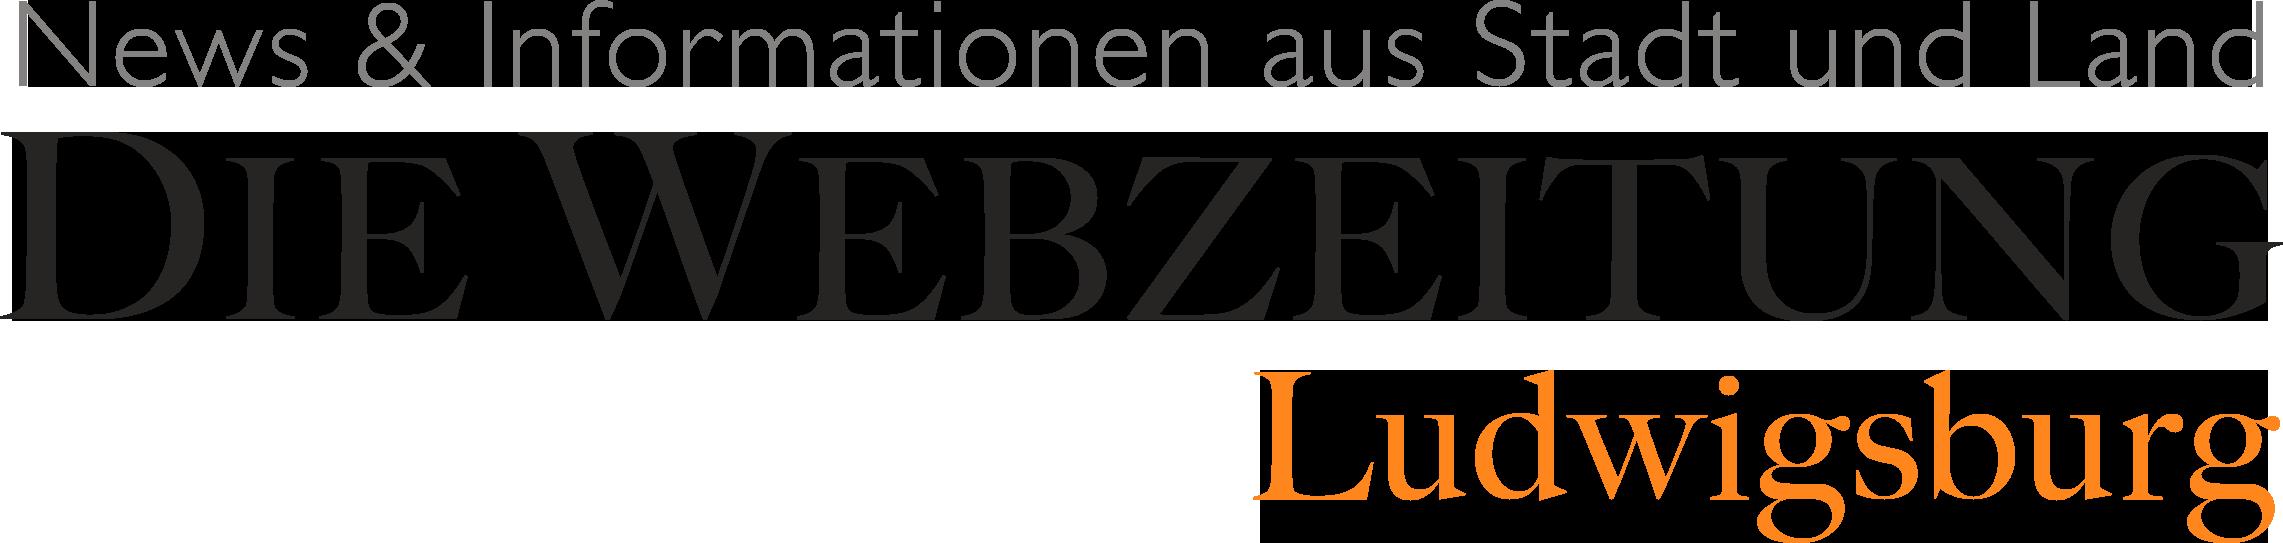 Die Webzeitung Ludwigsburg